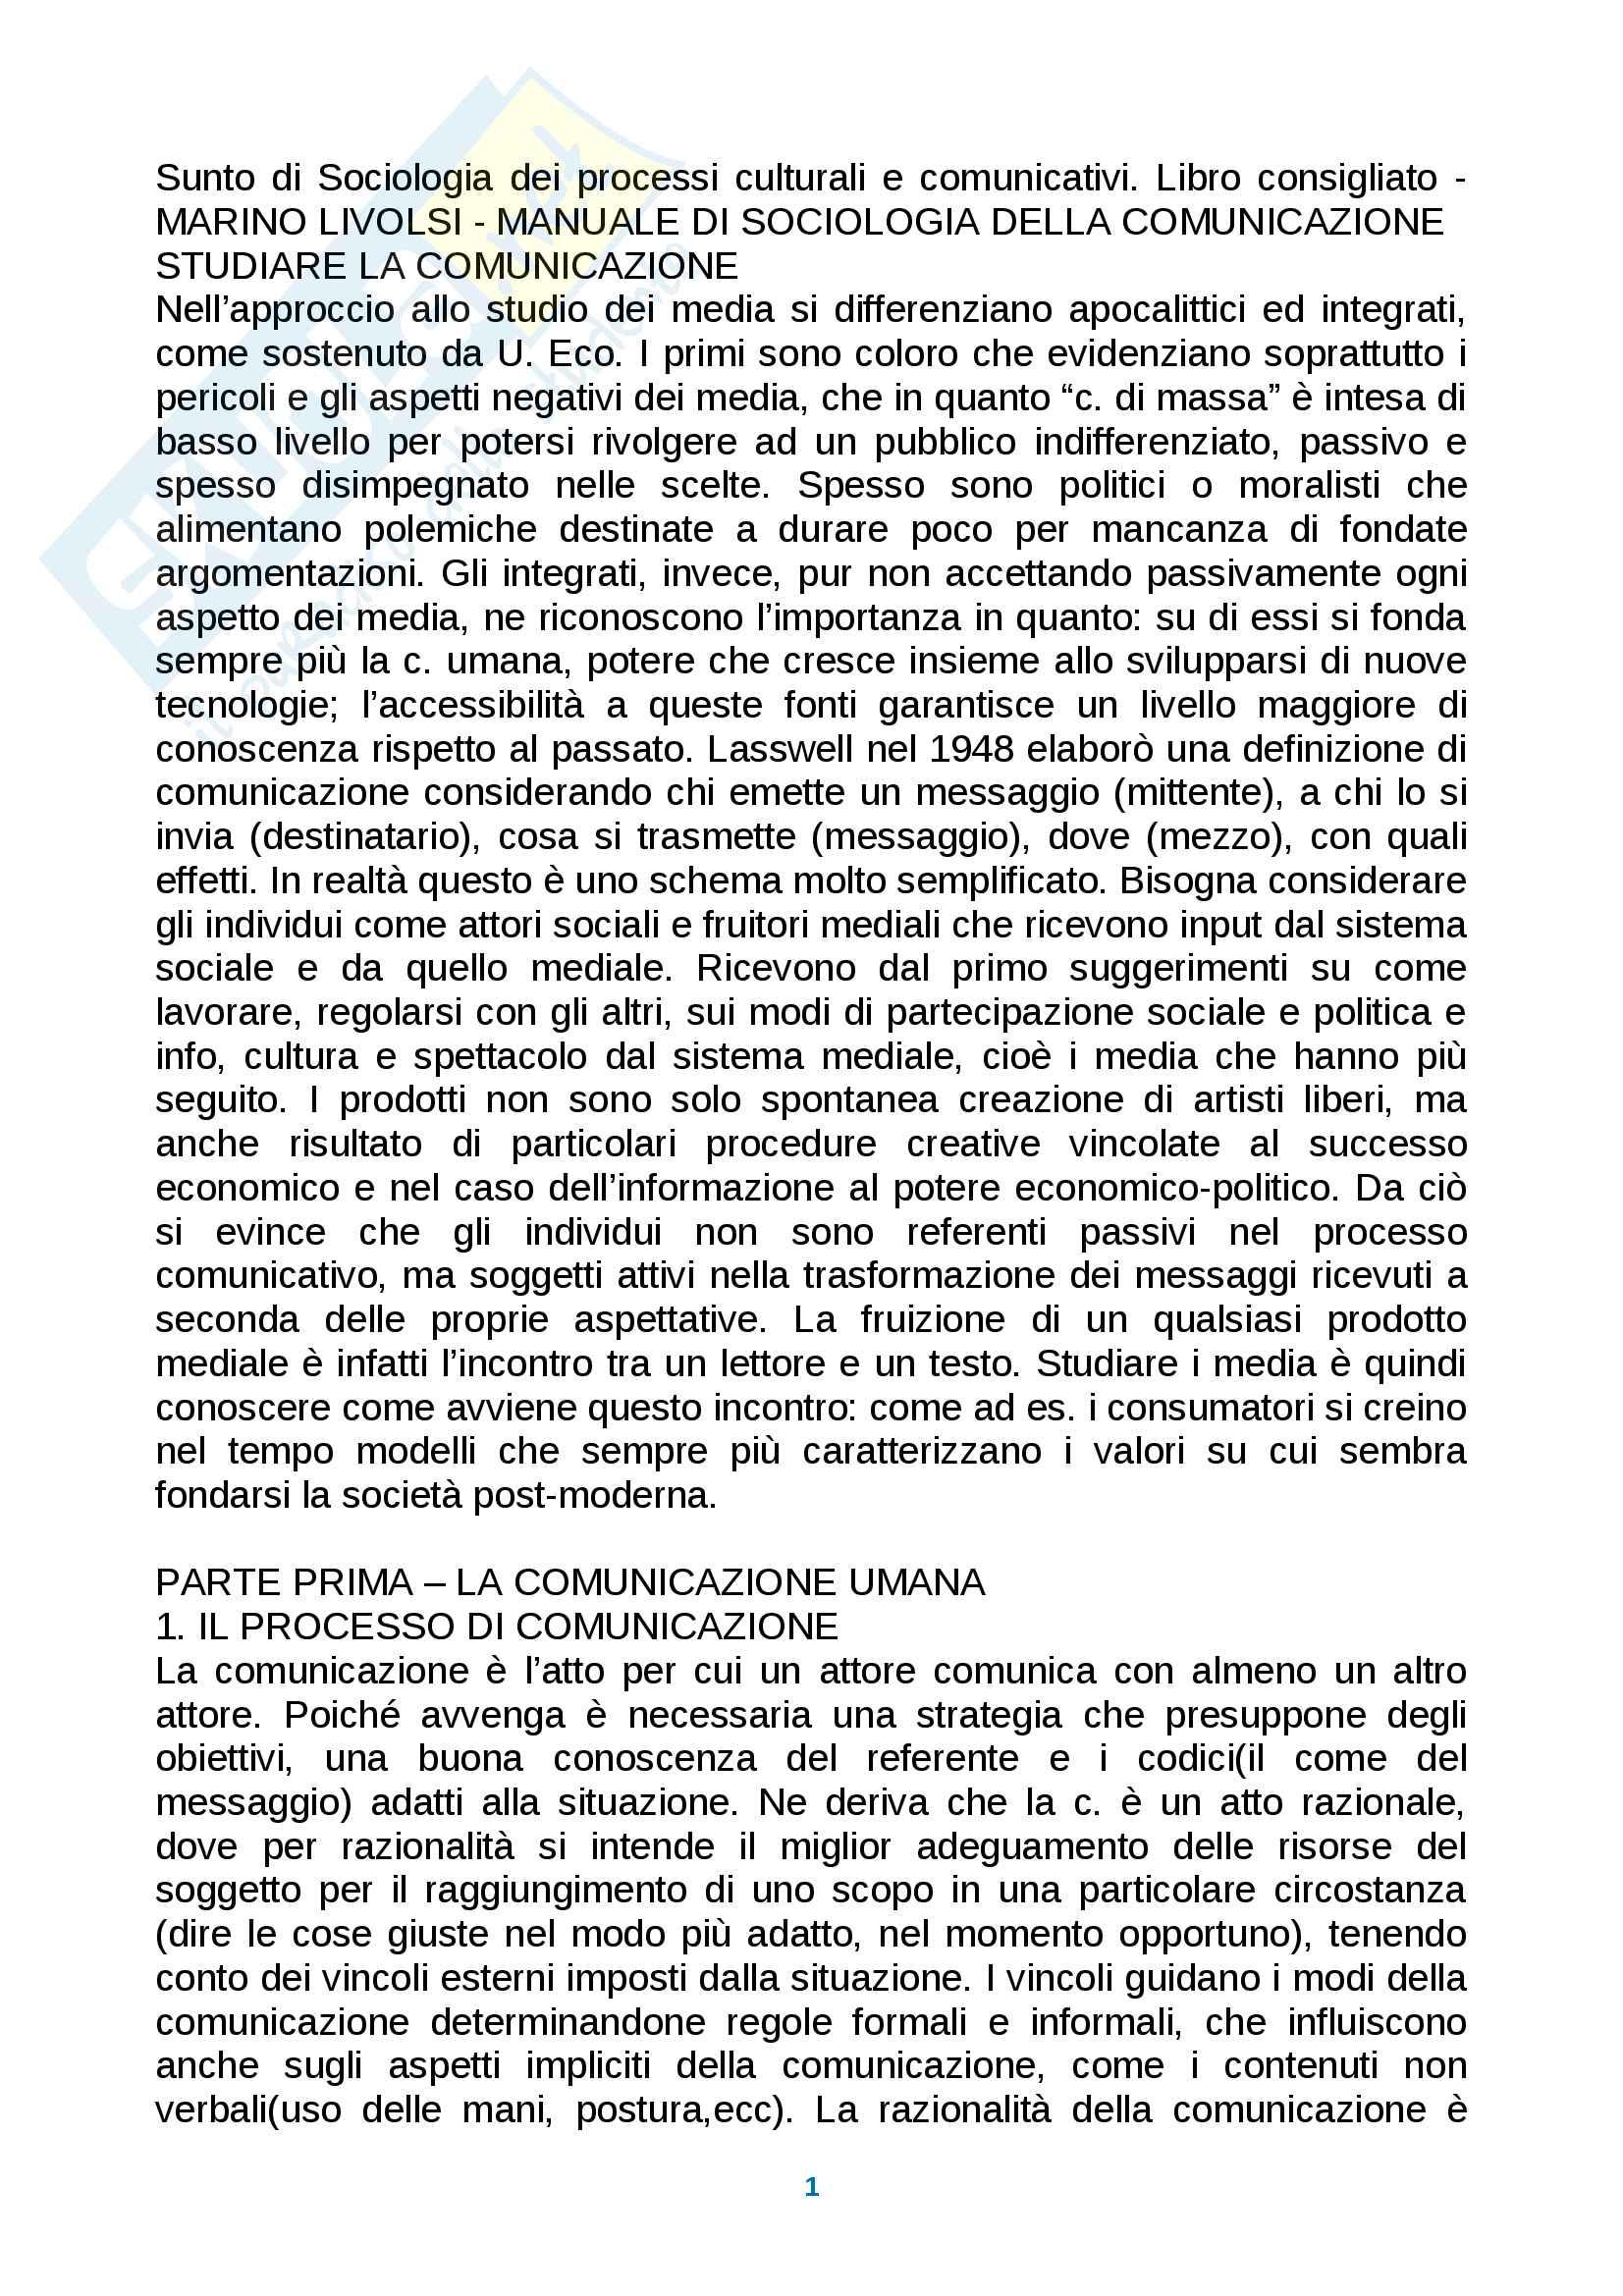 Riassunto esame Sociologia dei processi culturali e comunicativi, prof. Carzo, Libro consigliato Manuale di sociologia della comunicazione, Marino Livolsi